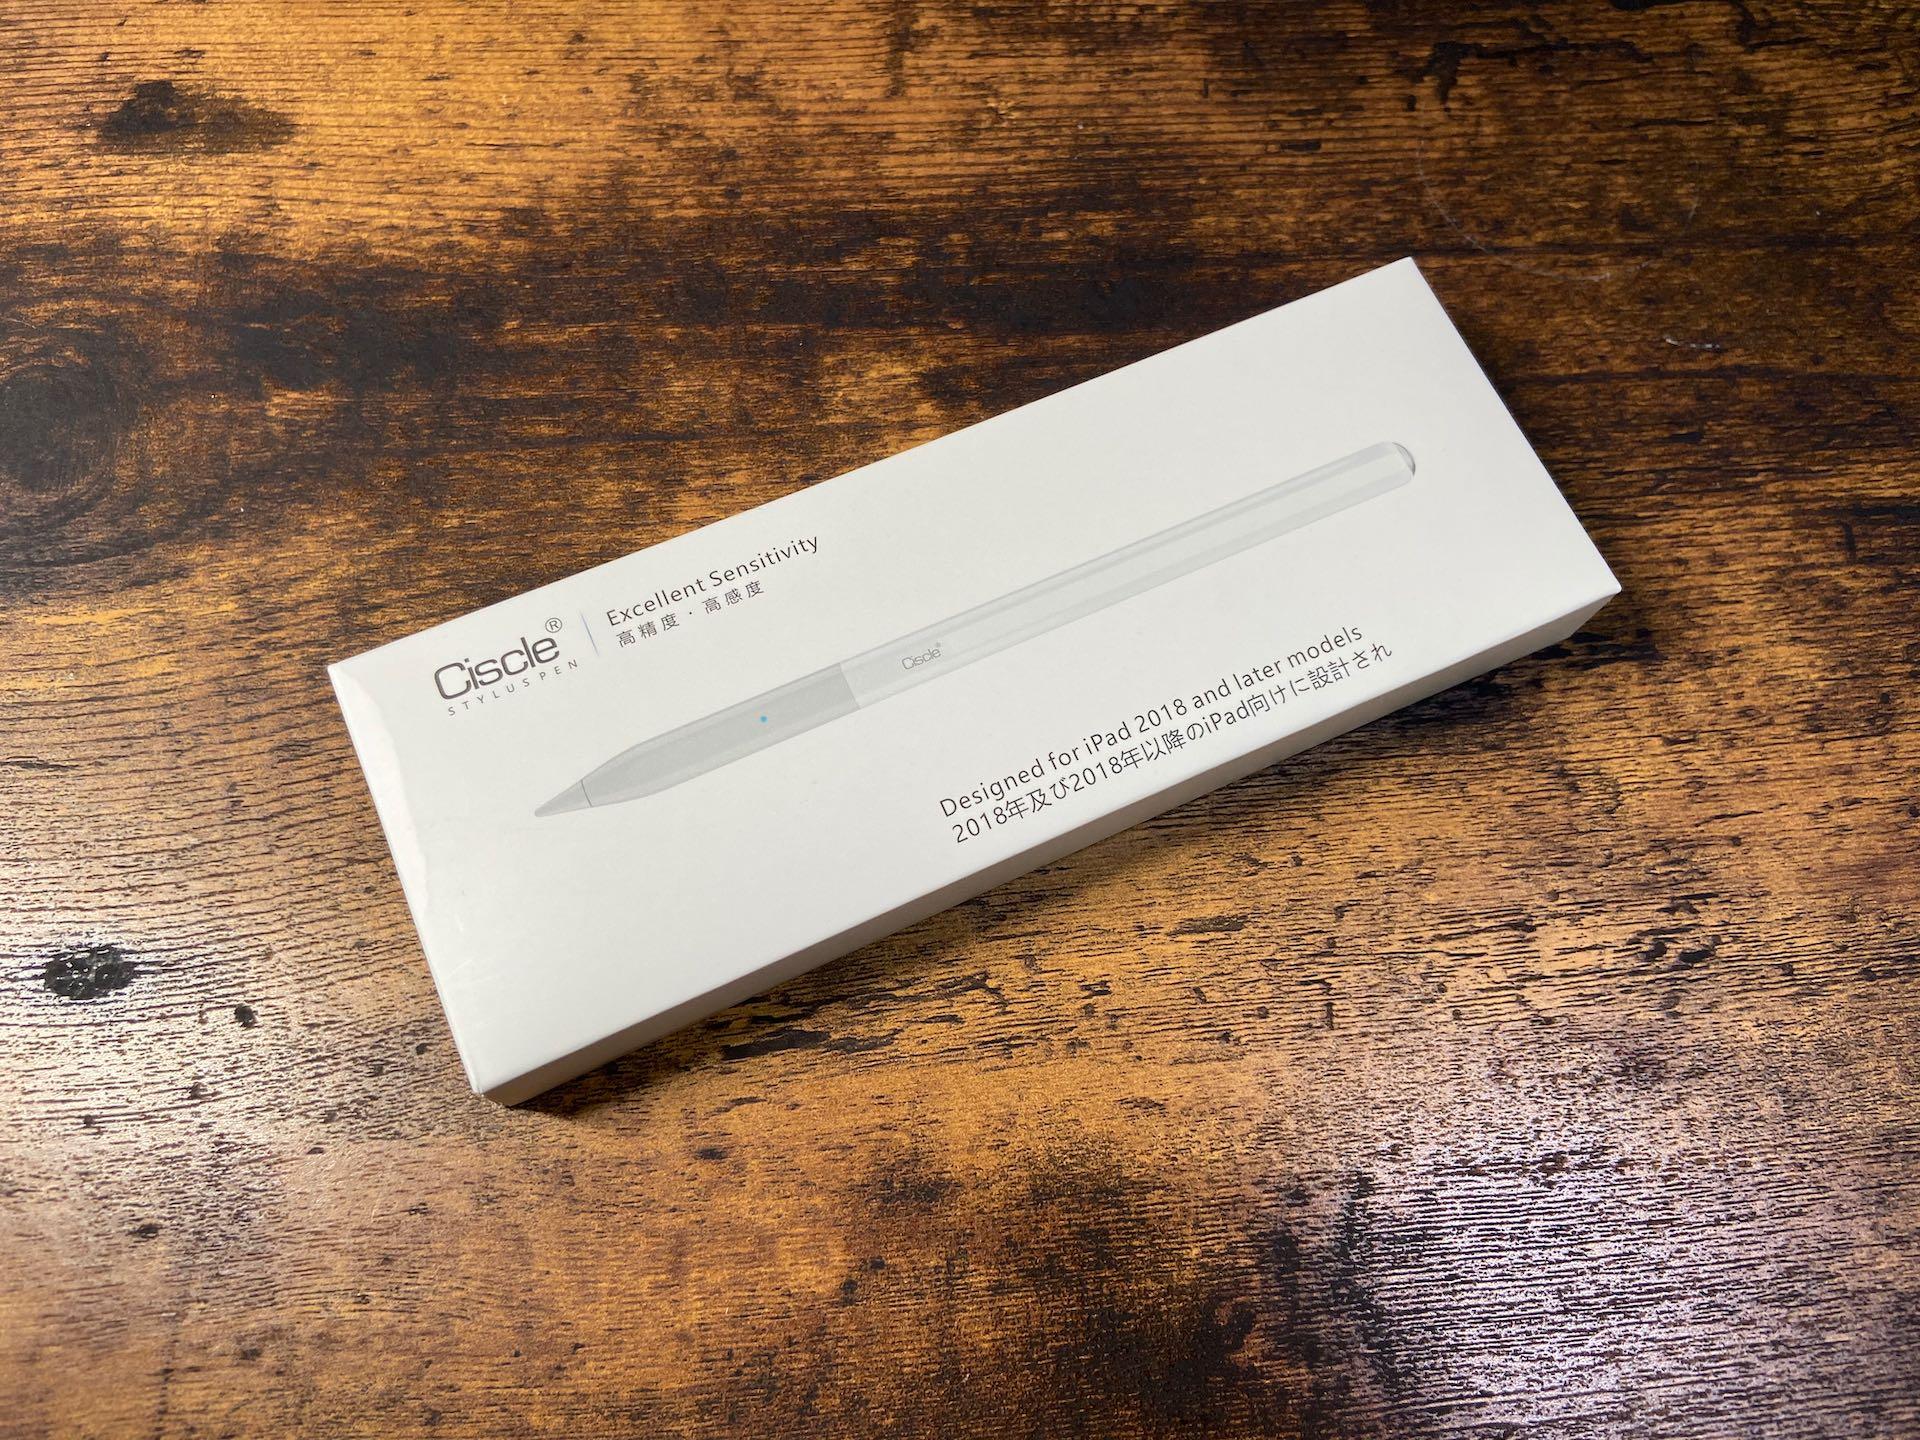 Ciscleスタイラスペン(Amazon販売価格2999円)